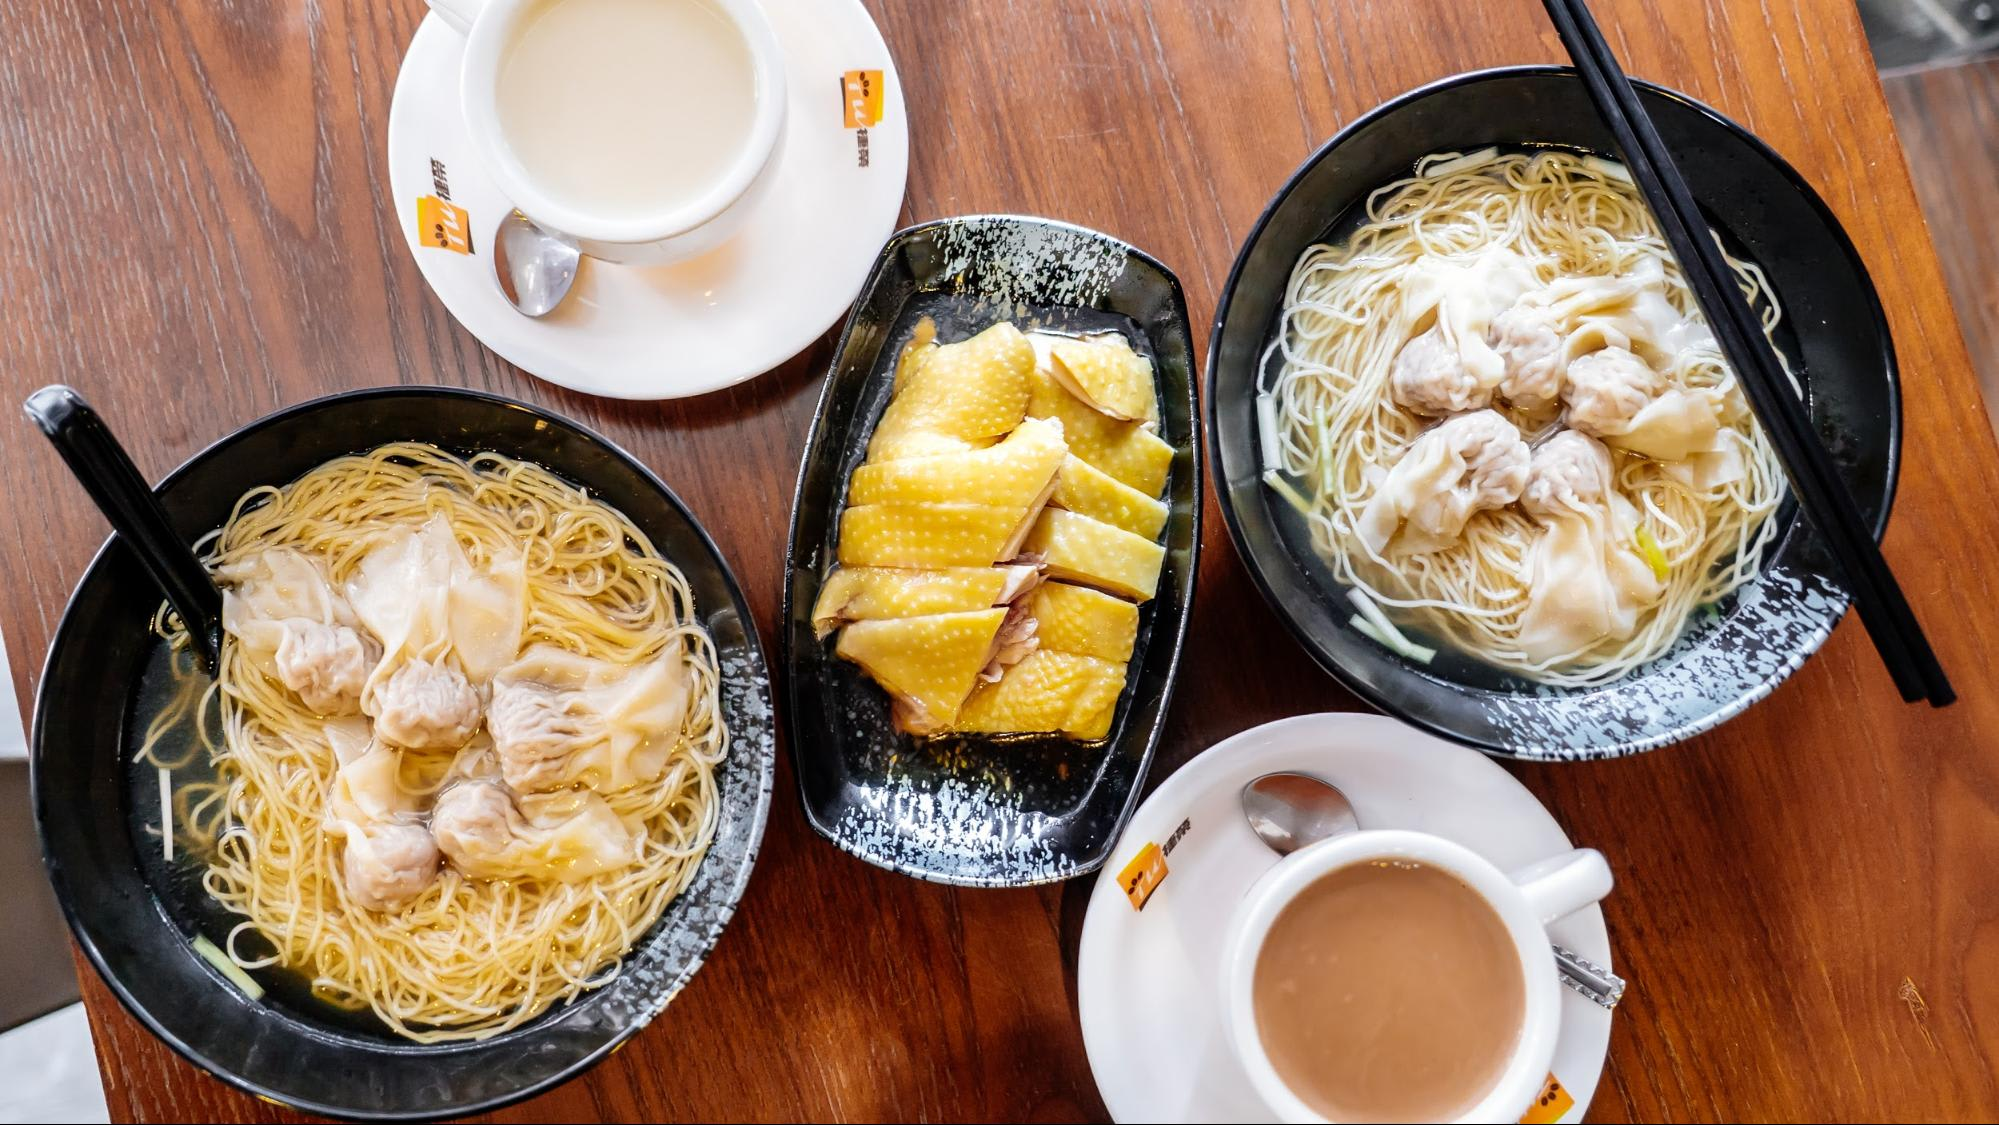 món mì tại Cheung Wo Noodles